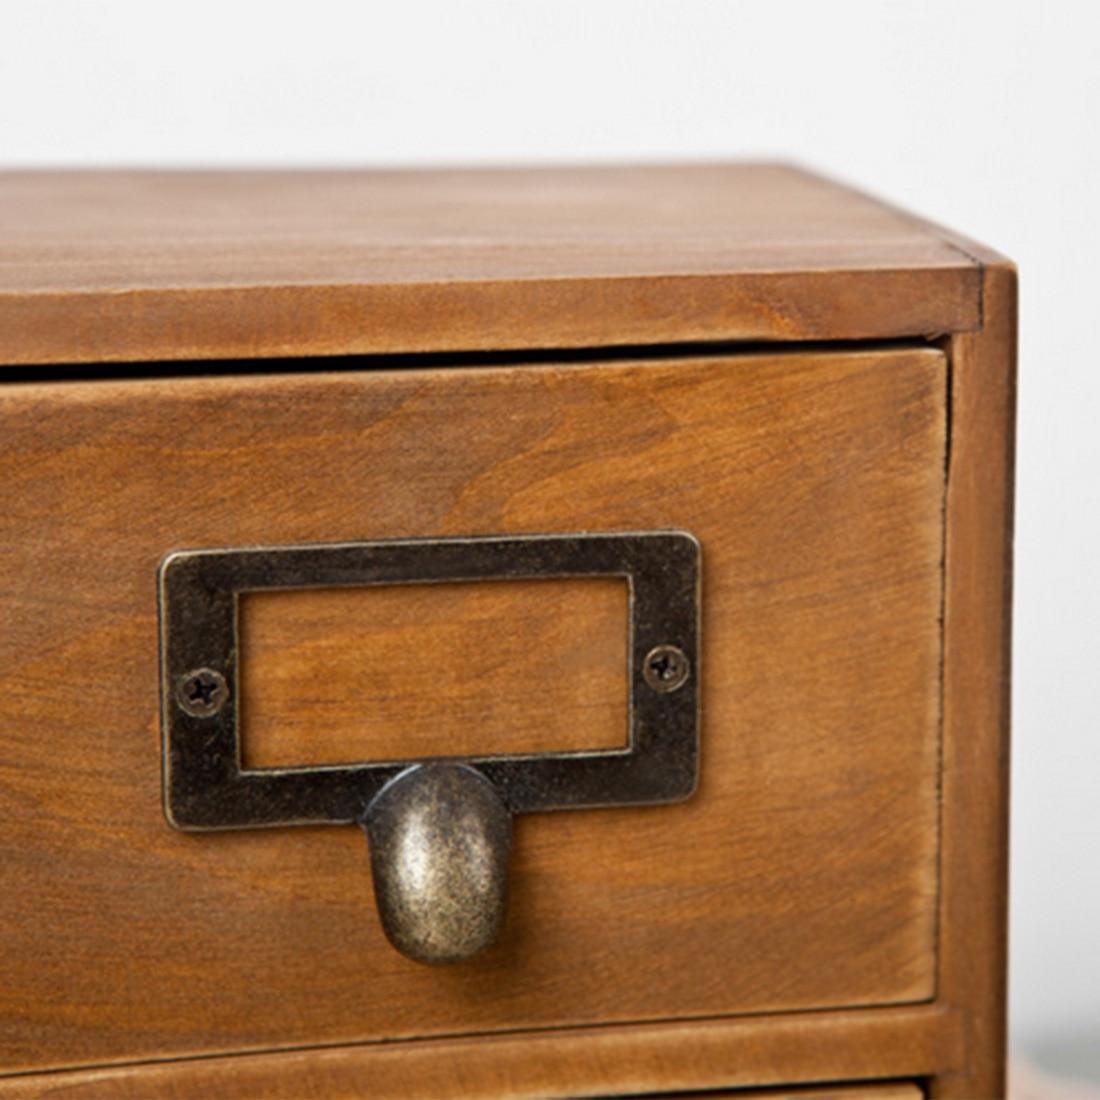 HIPSTEEN Retro Design Household Essentials 3 Level 3 Drawer Wooden